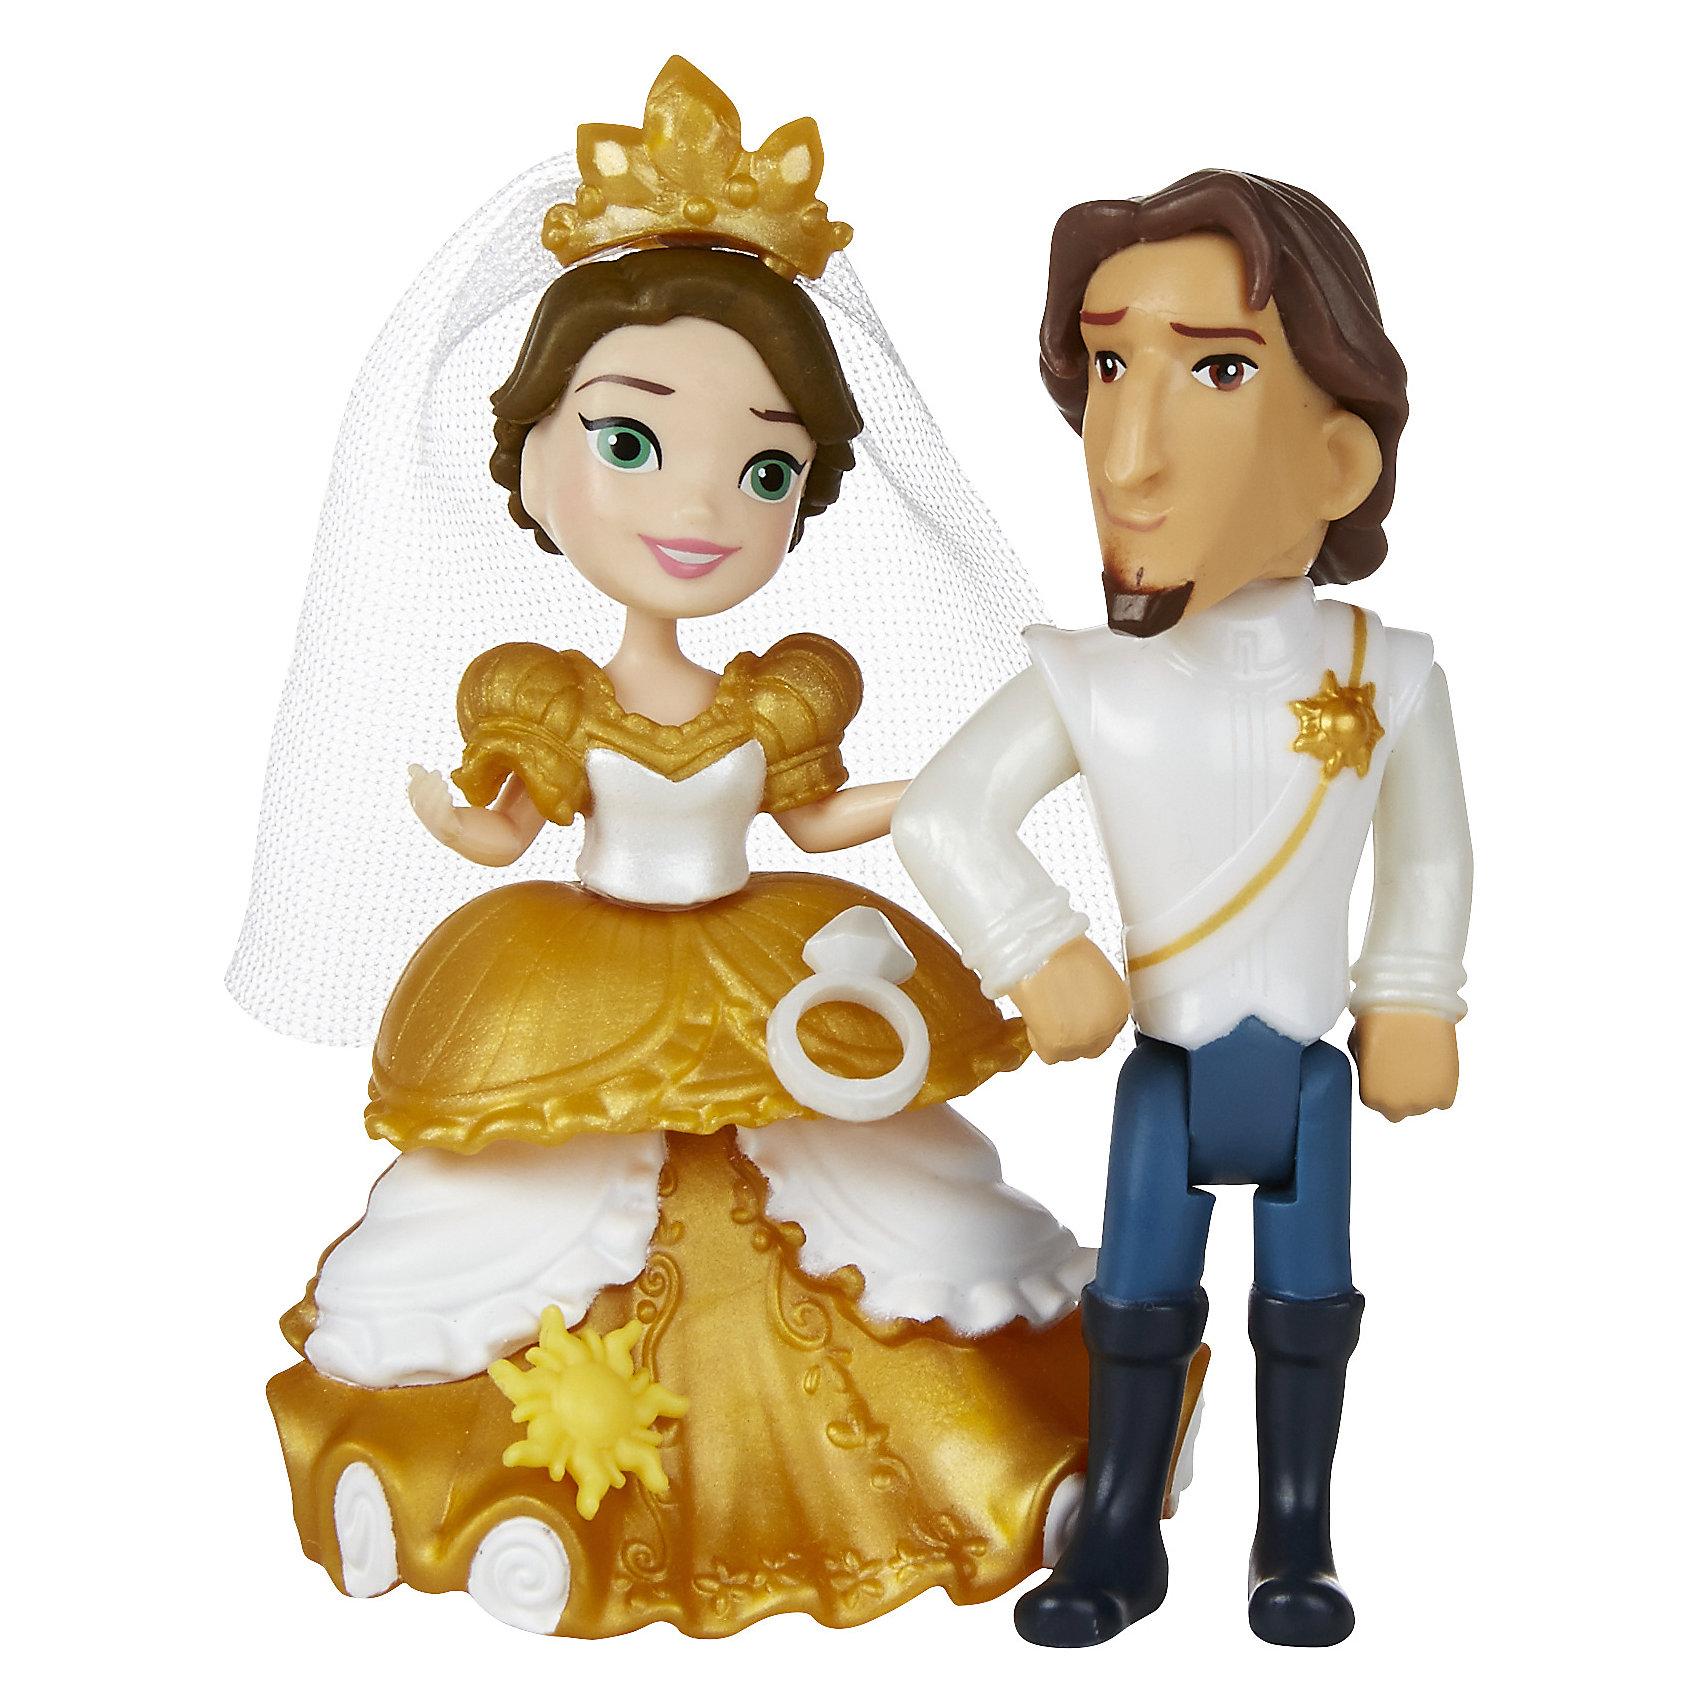 Игровой набор Маленькая кукла Принцесса, Принцессы ДиснейВ игровых наборах проиграй историю весной появляются Аврора и Рапунцель. Каждый набор упакован в твердый пластиковый кейс, в который можно упаковать все детали набора и удобно носить с собой за ручку. В кейсе есть задник, на котором изображена одна из сцен из истории принцессы. В набор входит кукла и большие аксессуары для игры. Осенью в линейку добавляется Жасмин. Всего 3 разных набора в 2 волны в течение года.<br><br>Ширина мм: 56<br>Глубина мм: 225<br>Высота мм: 200<br>Вес г: 358<br>Возраст от месяцев: 48<br>Возраст до месяцев: 96<br>Пол: Женский<br>Возраст: Детский<br>SKU: 4874308